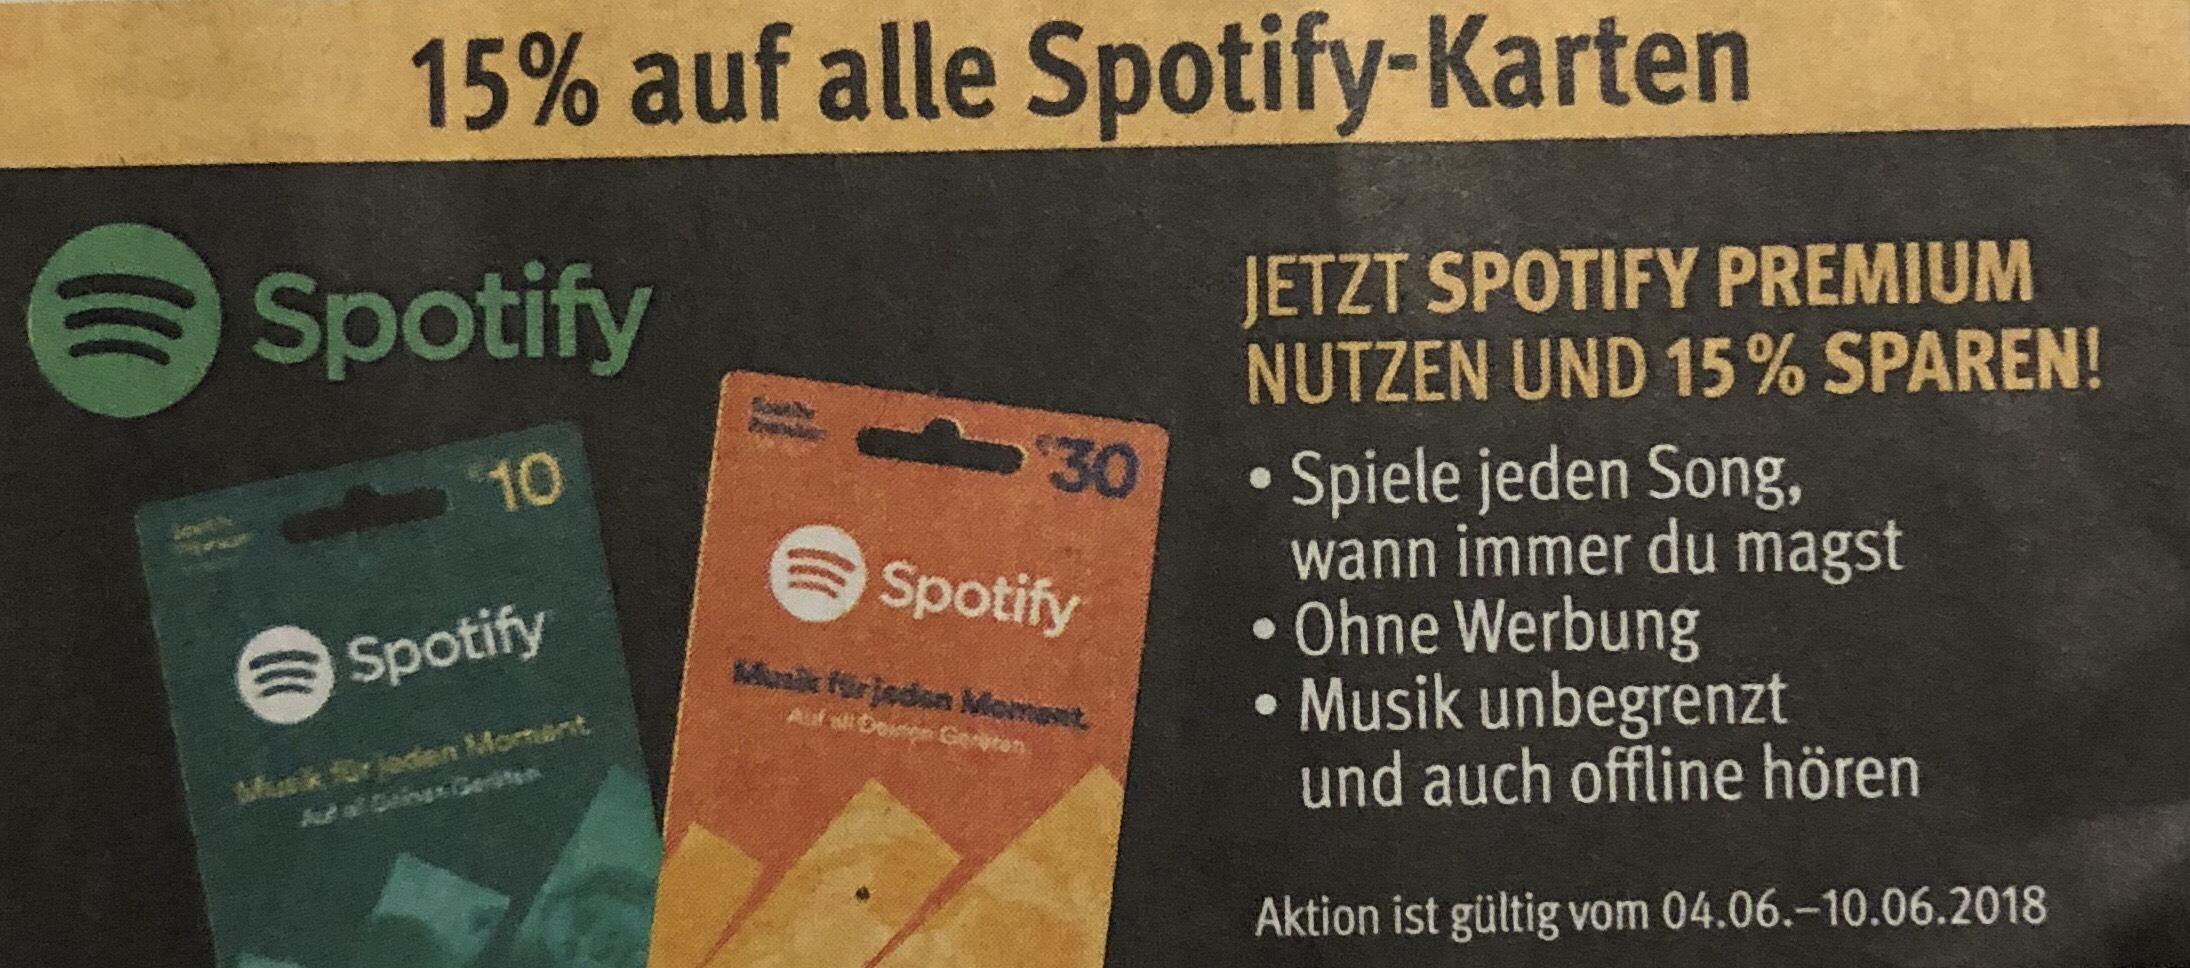 [Rossmann] ab Mo.: 15% auf alle Spotify-Karten